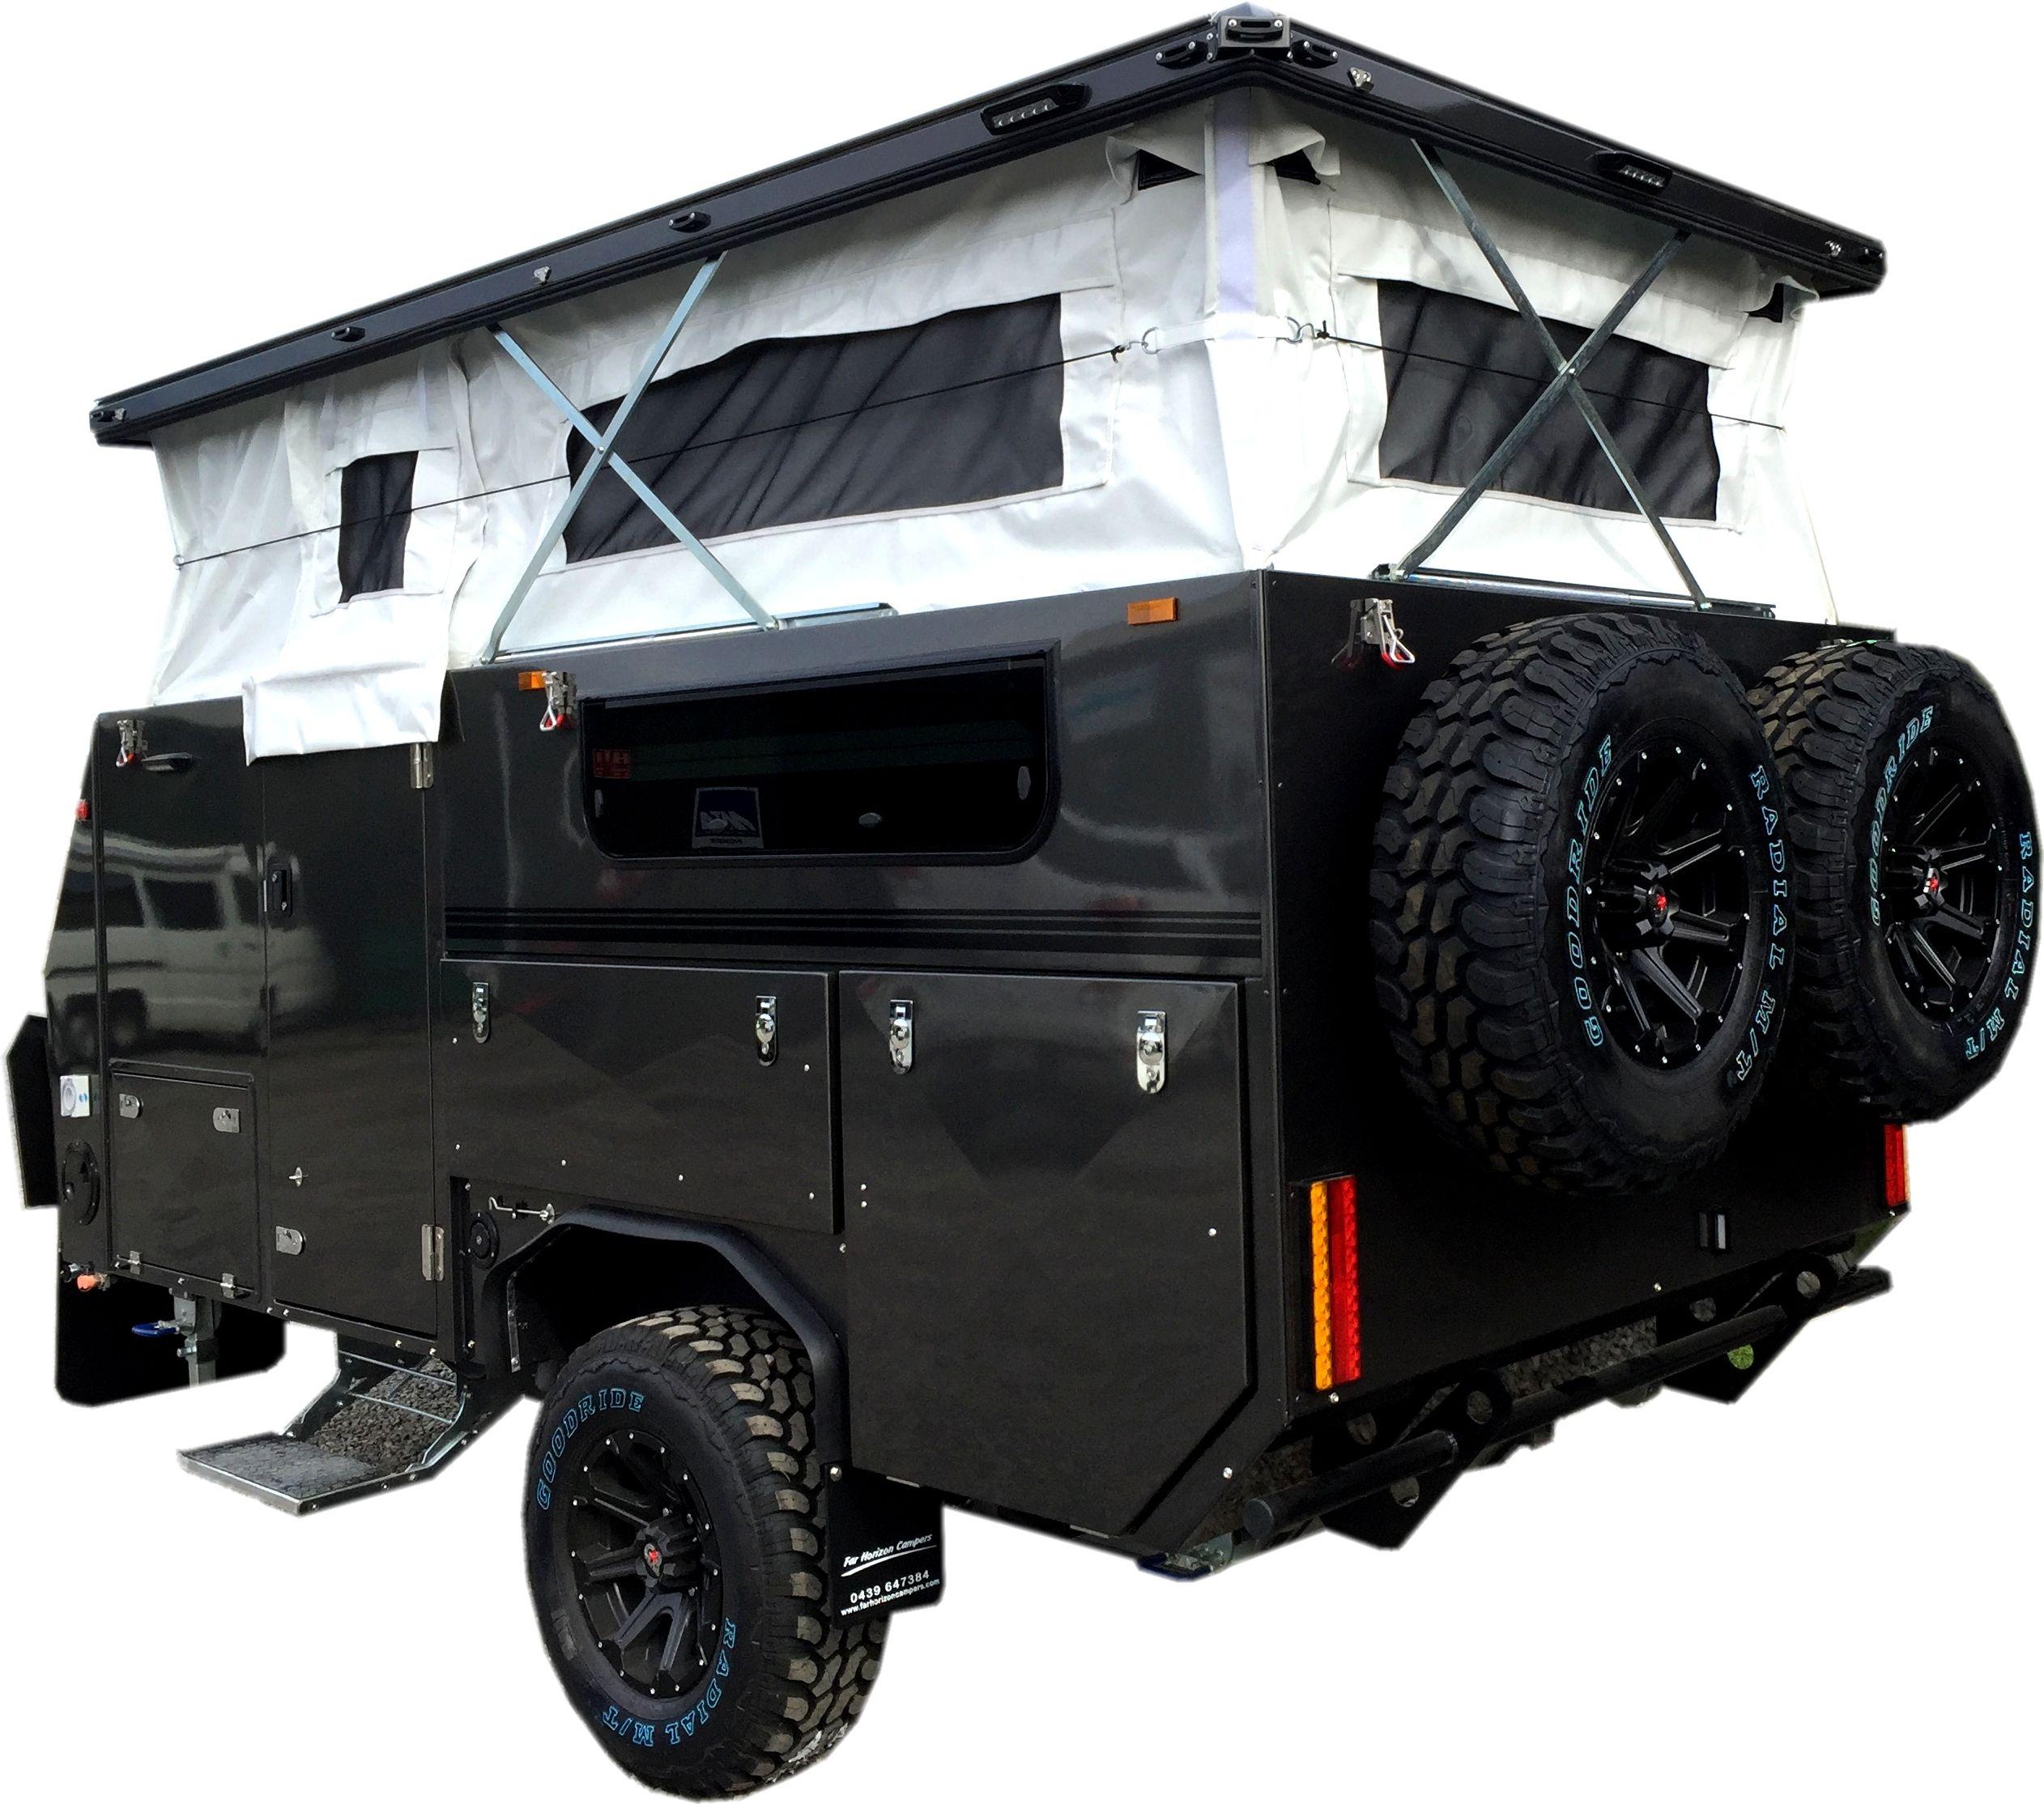 Tuff track escape Hybrid camper trailers, Camper trailers